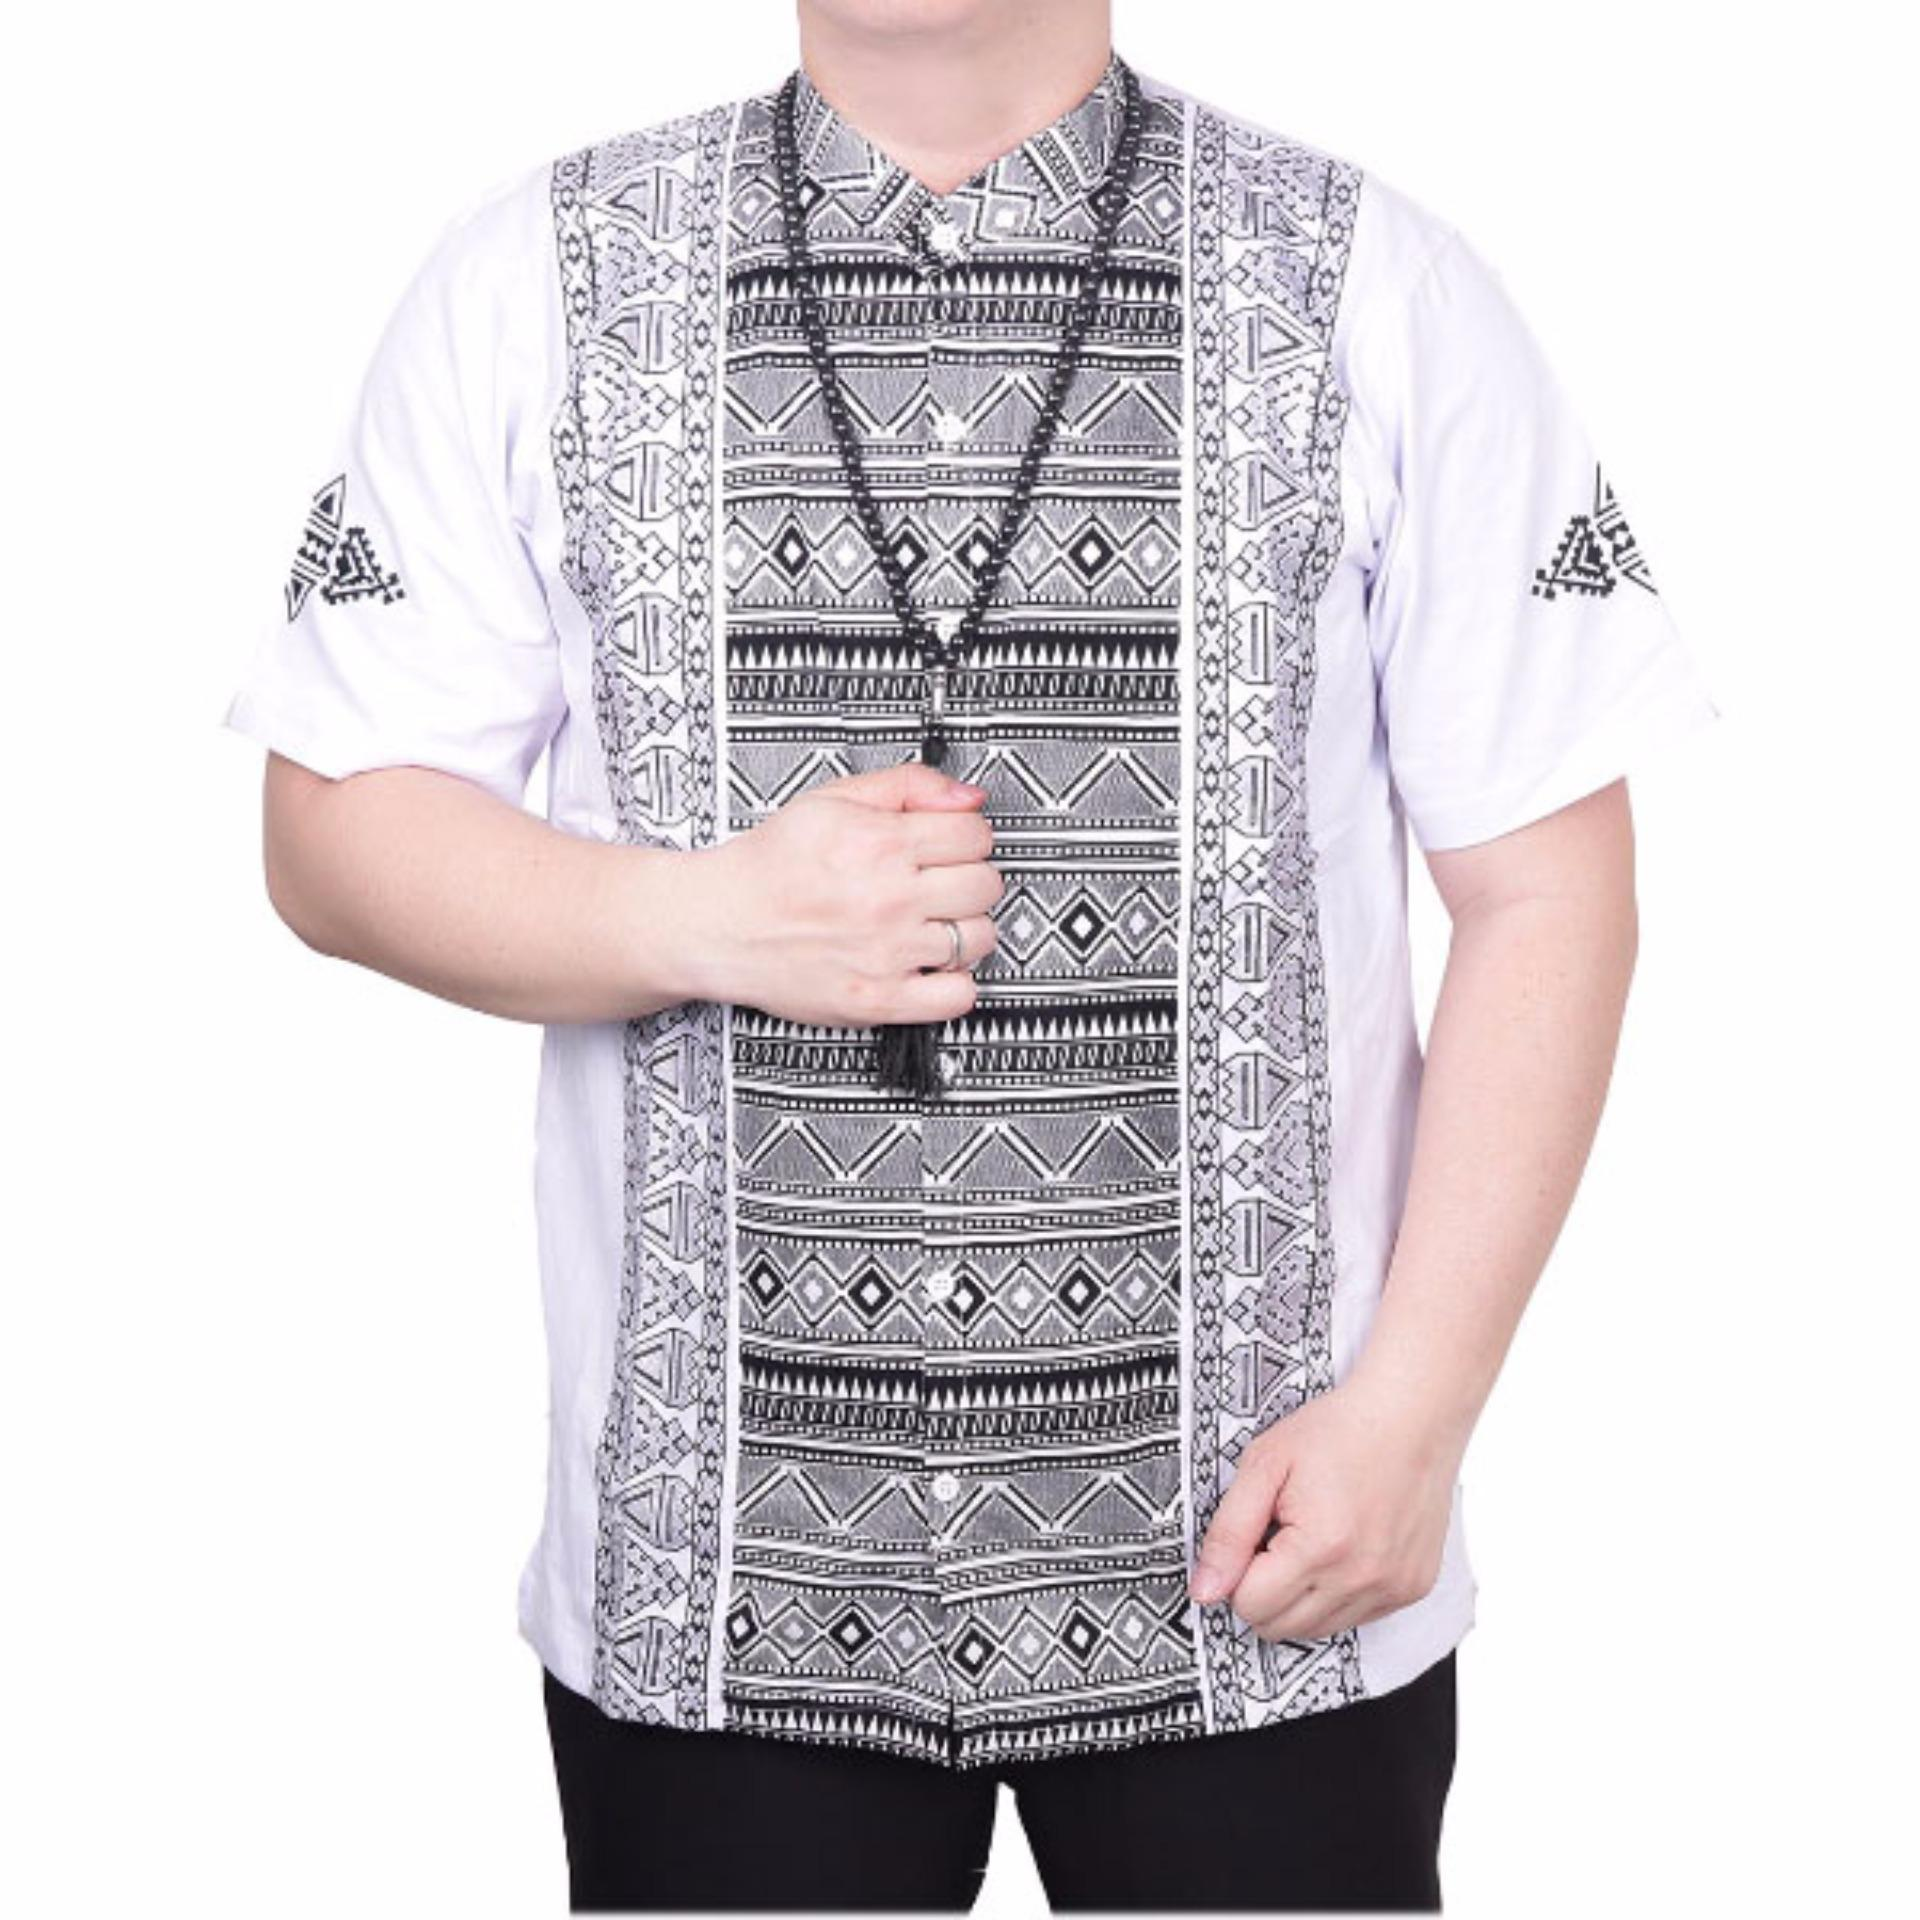 Dimana Beli Ormano Baju Koko Muslim Batik Lengan Pendek Lebaran Zo17 Kk30 Kemeja Fashion Pria Putih Ormano